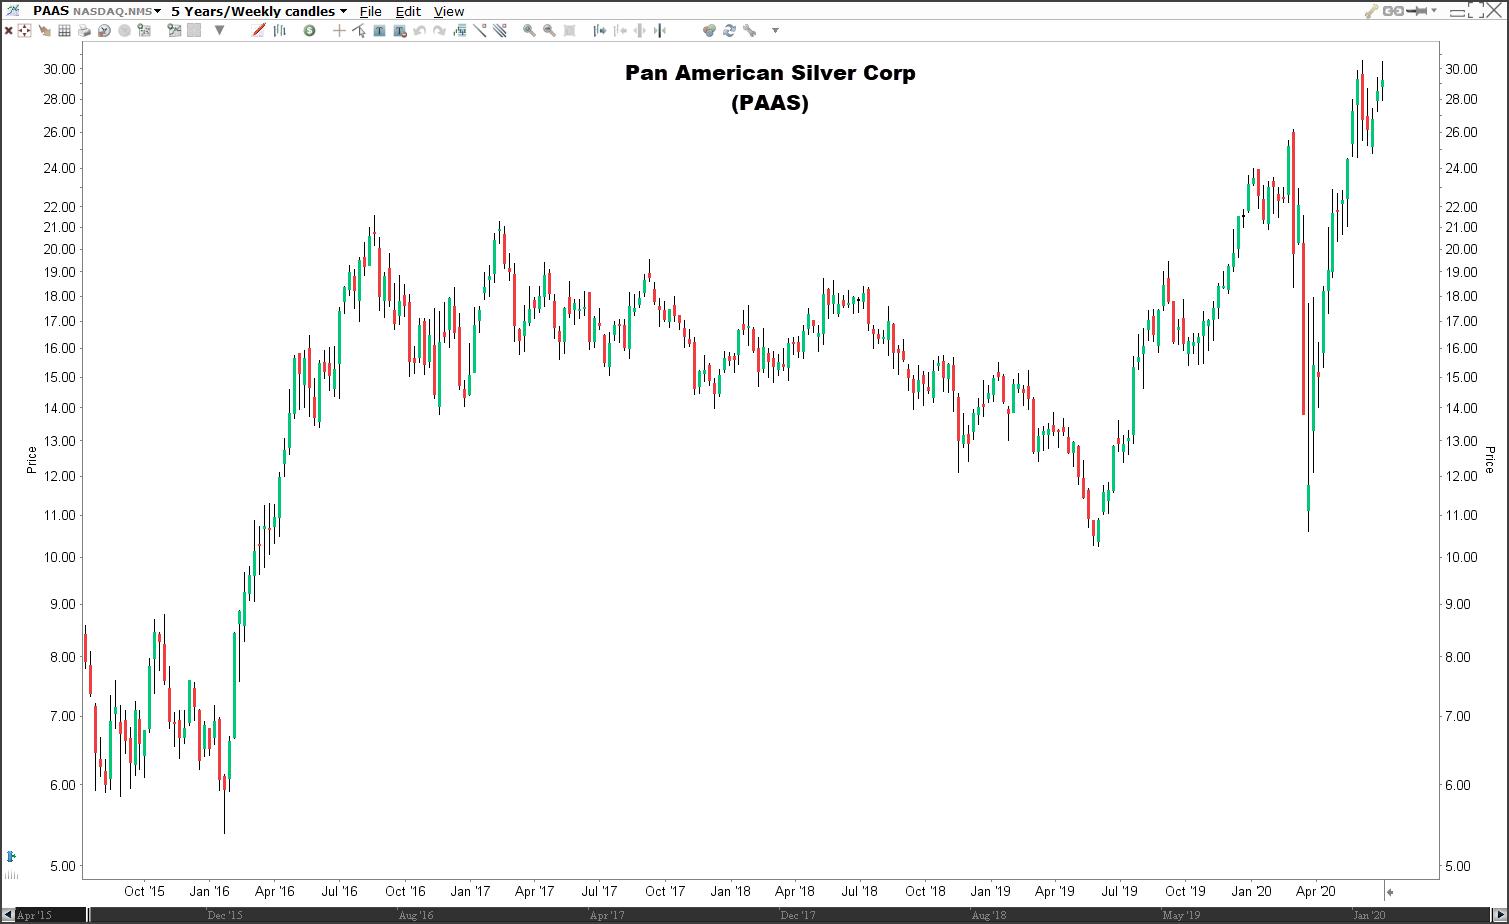 Beste zilvermijn aandelen: aandeel Pan American Silver Corp (PAAS)